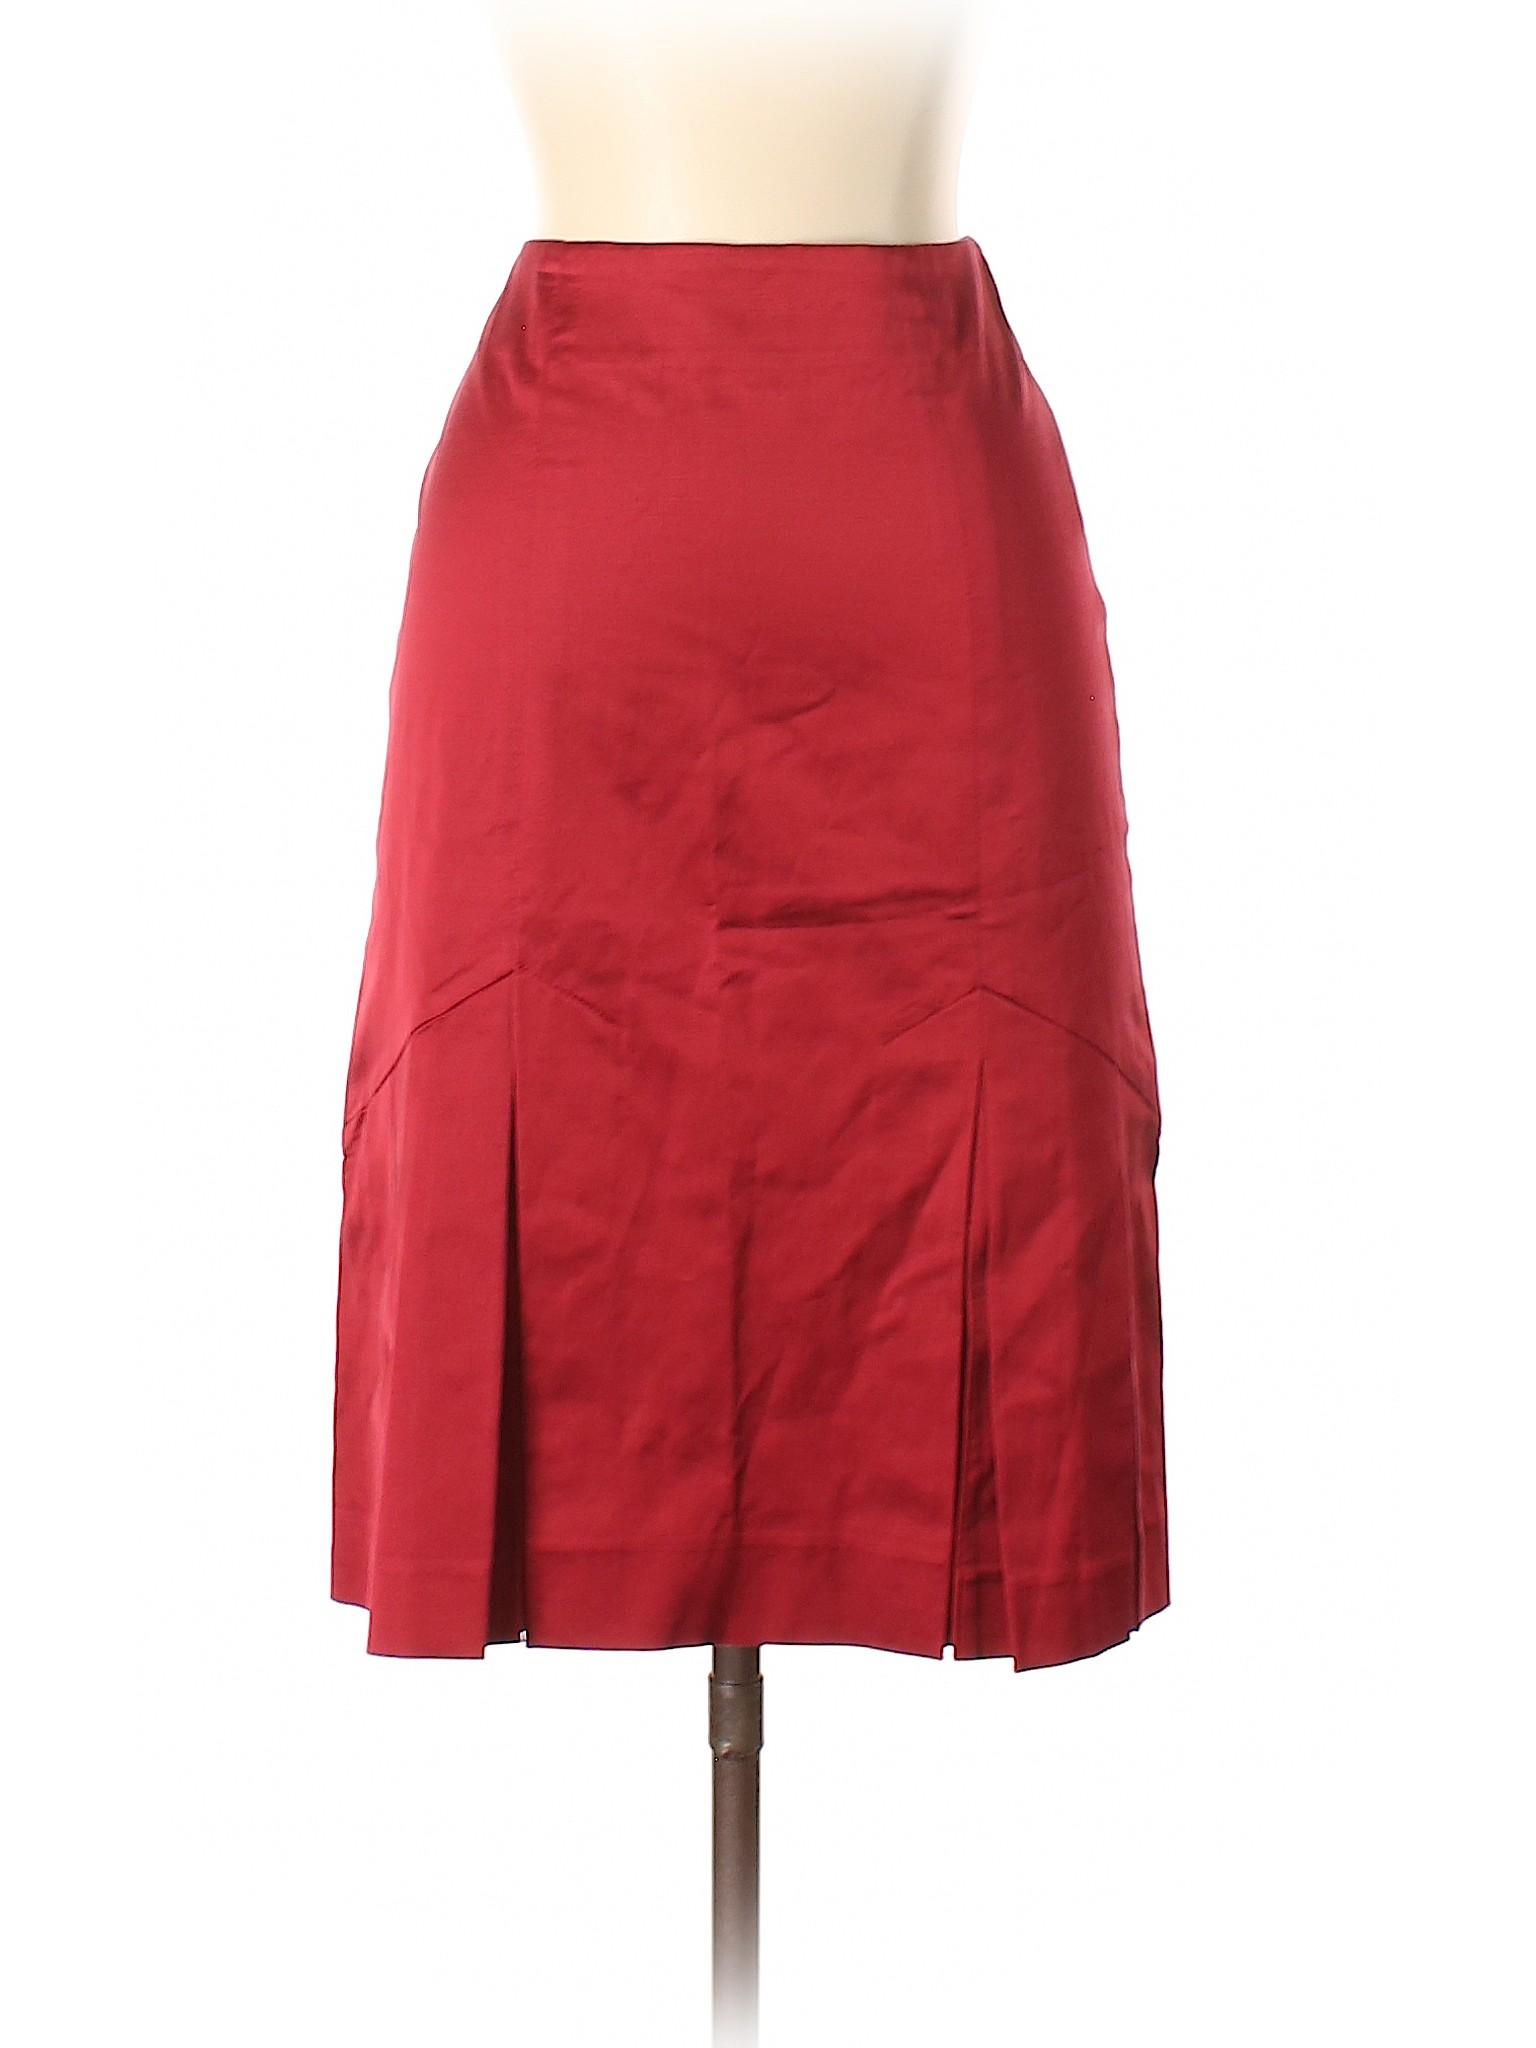 Casual Casual Boutique Boutique Boutique Skirt Skirt FCn0Owx